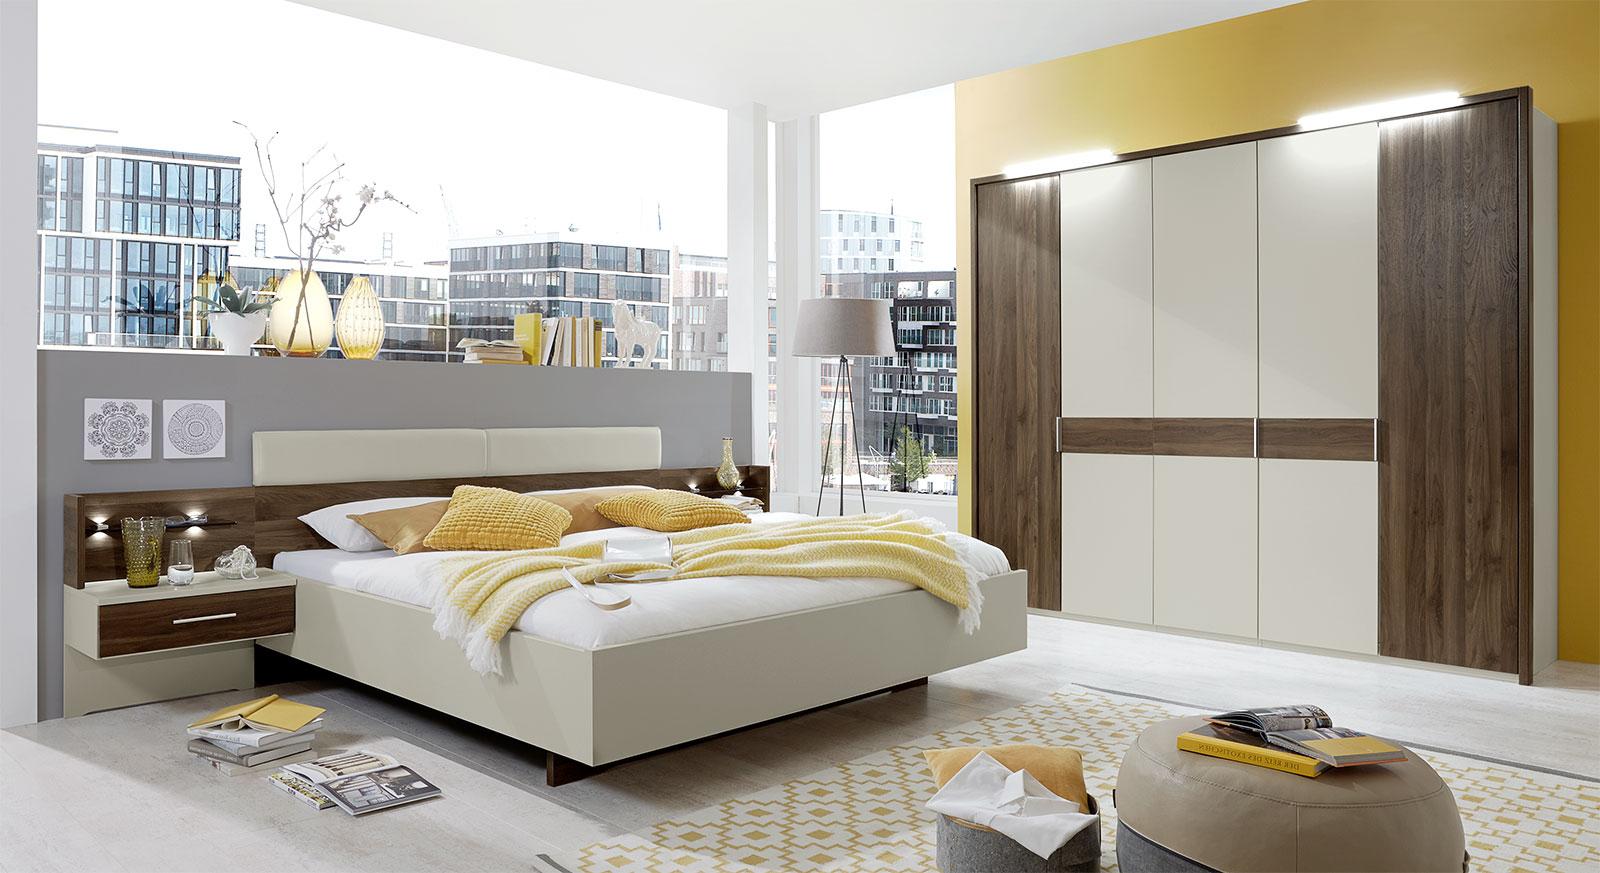 awesome hochwertiges bett fur schlafzimmer qualitatsgarantie ... - Hochwertiges Bett Fur Schlafzimmer Qualitatsgarantie